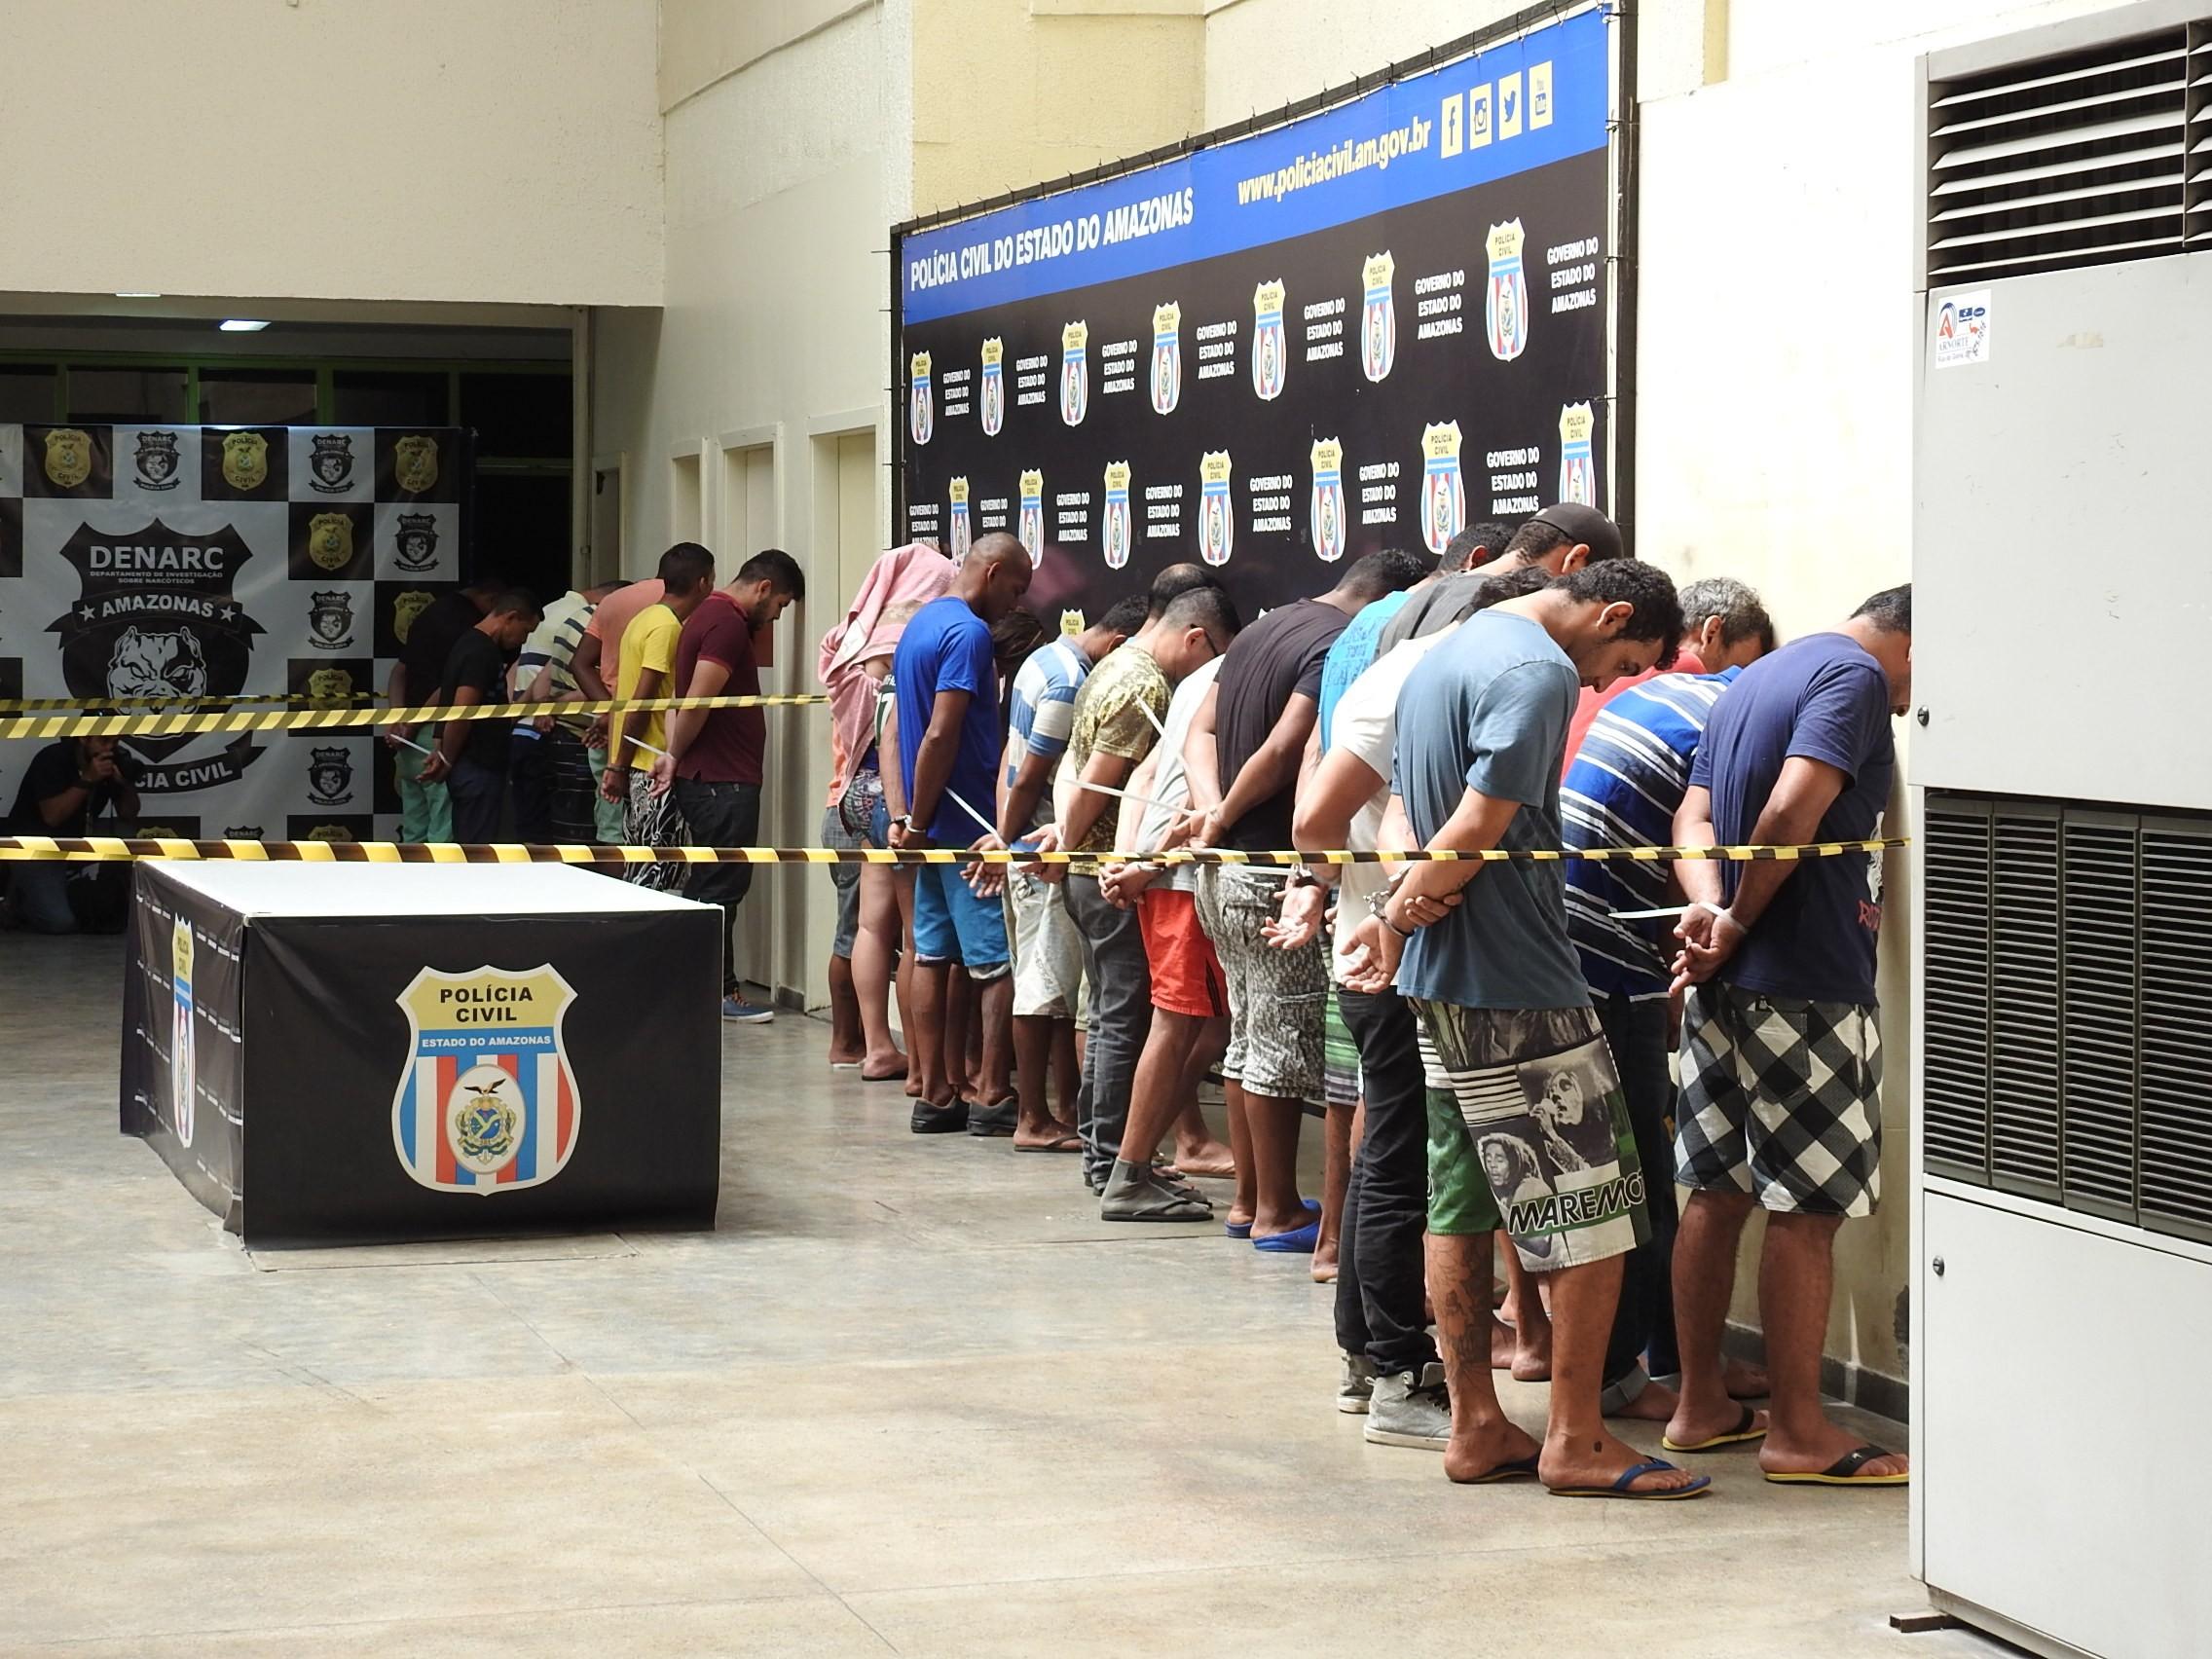 Operação 'Captura' termina com 97 presos e cinco adolescentes apreendidos em Manaus